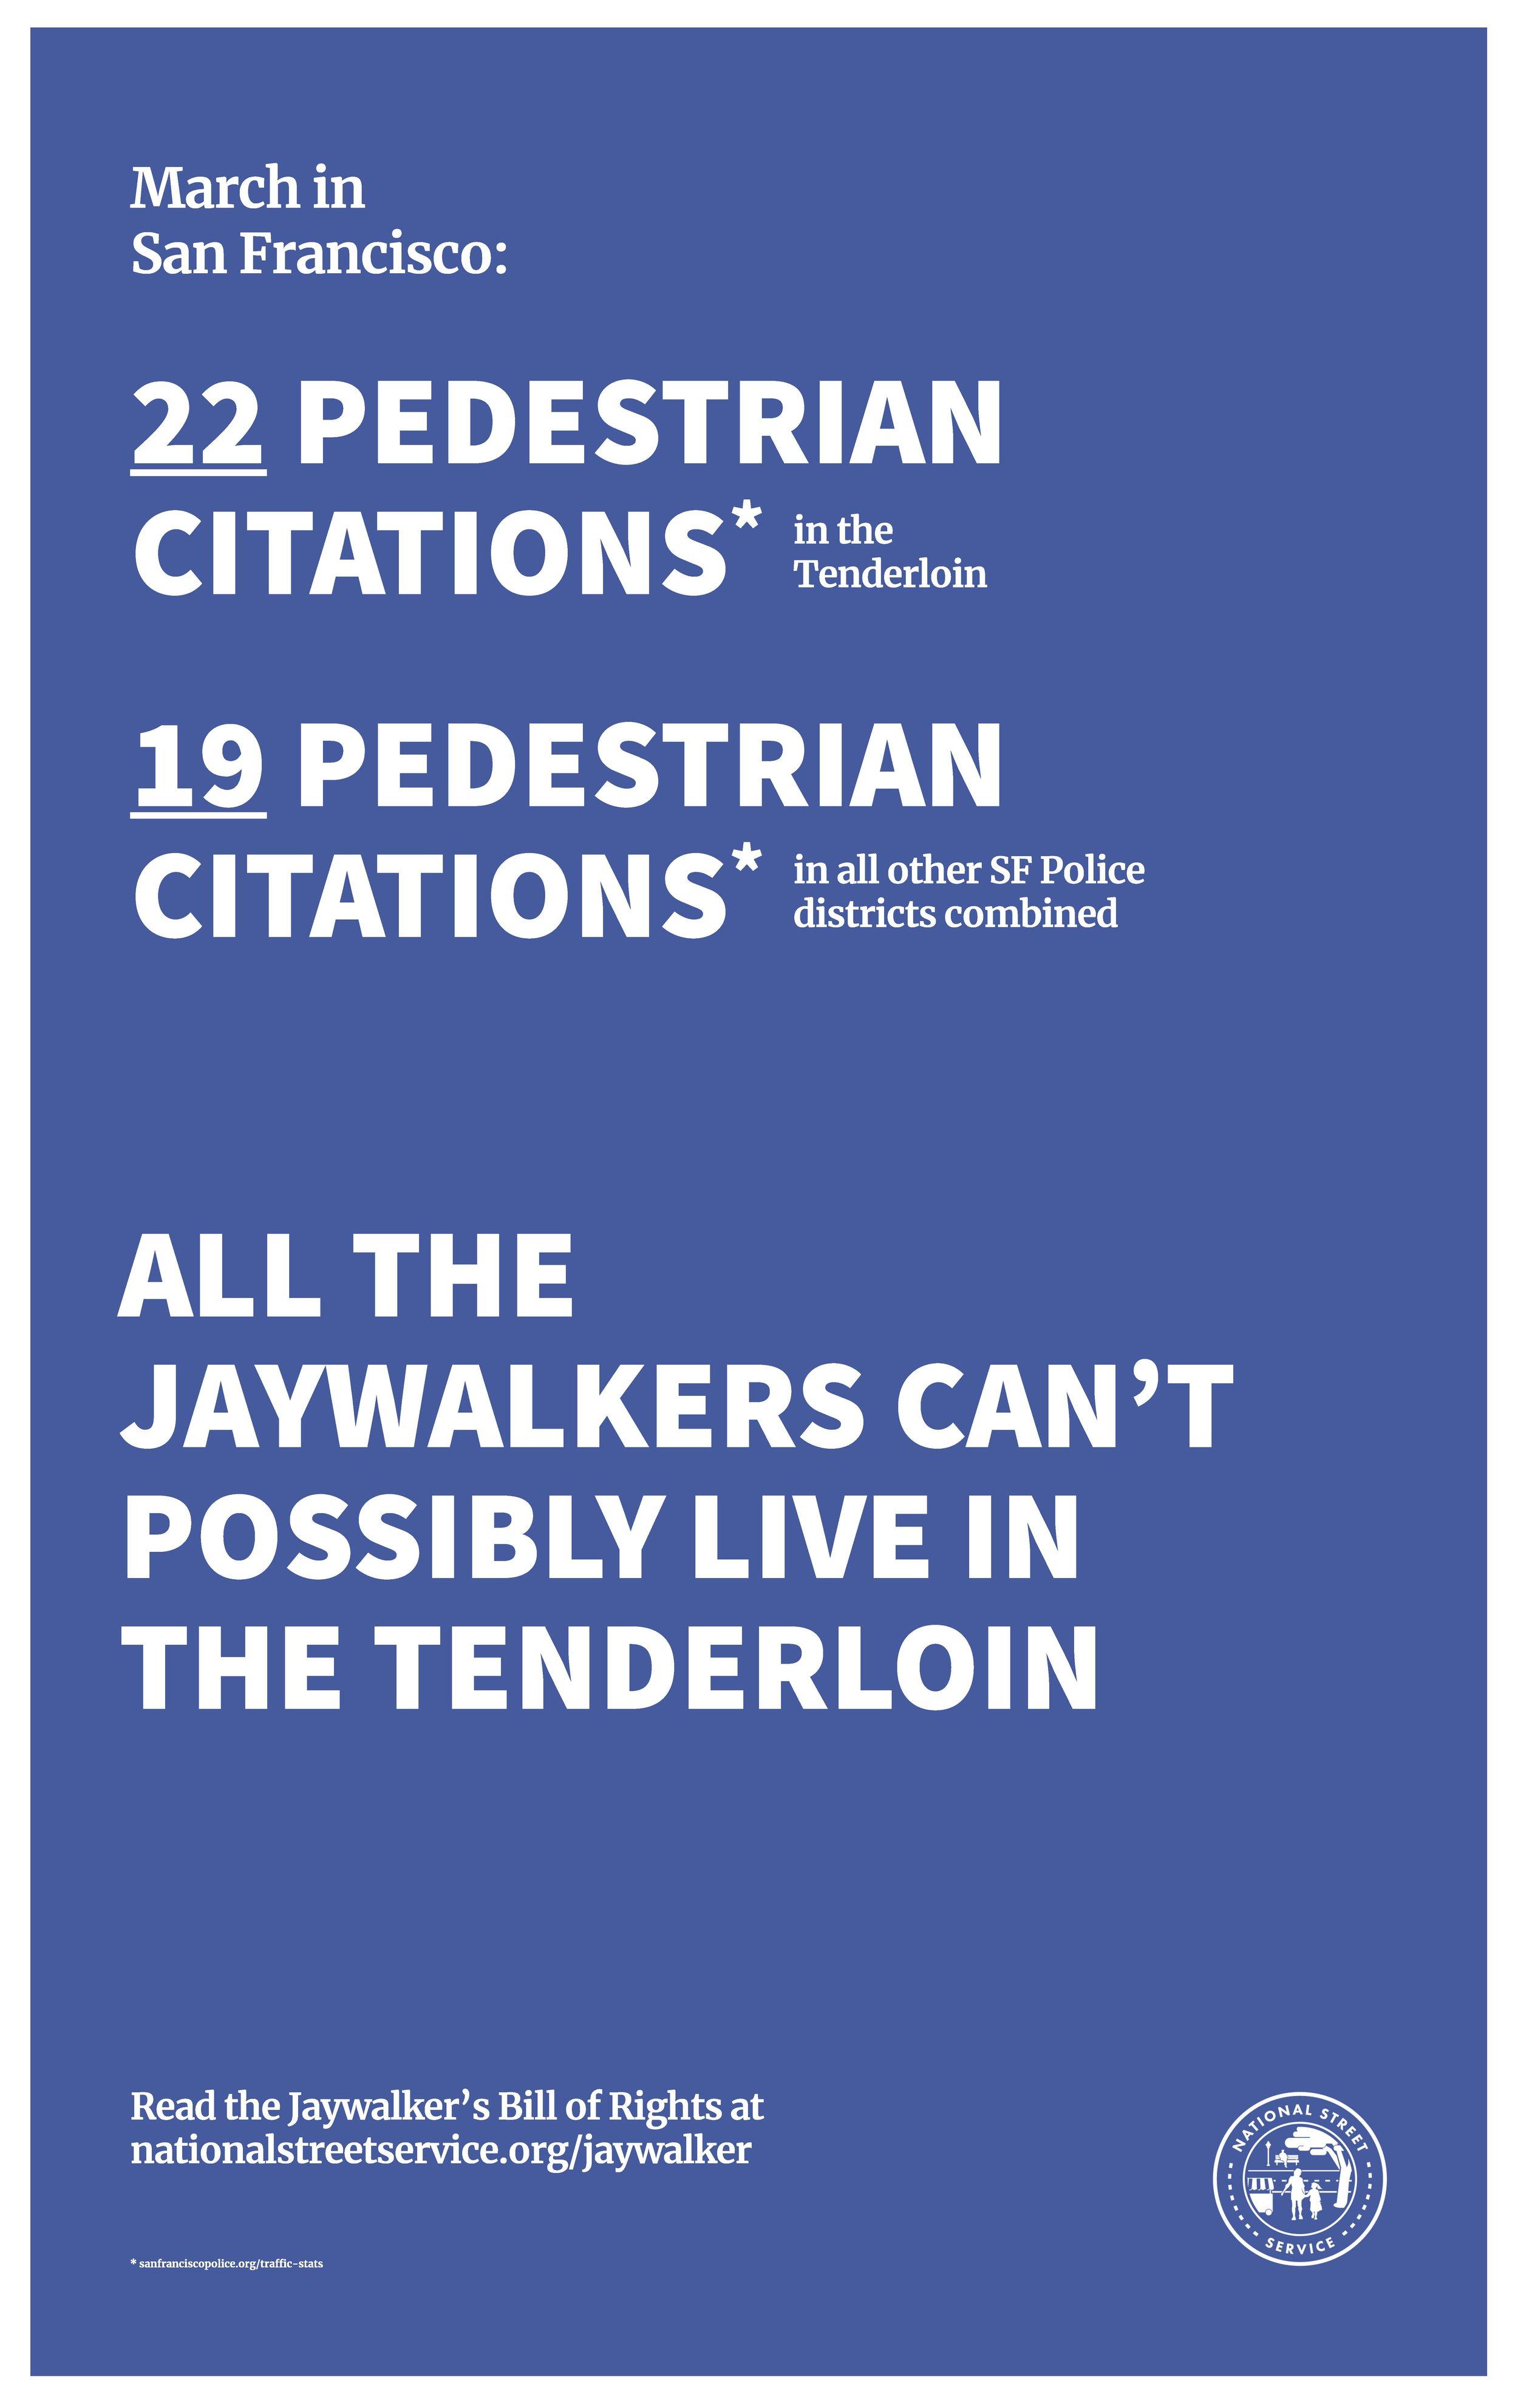 Jaywalker Bill of Rights_Page_4.jpg